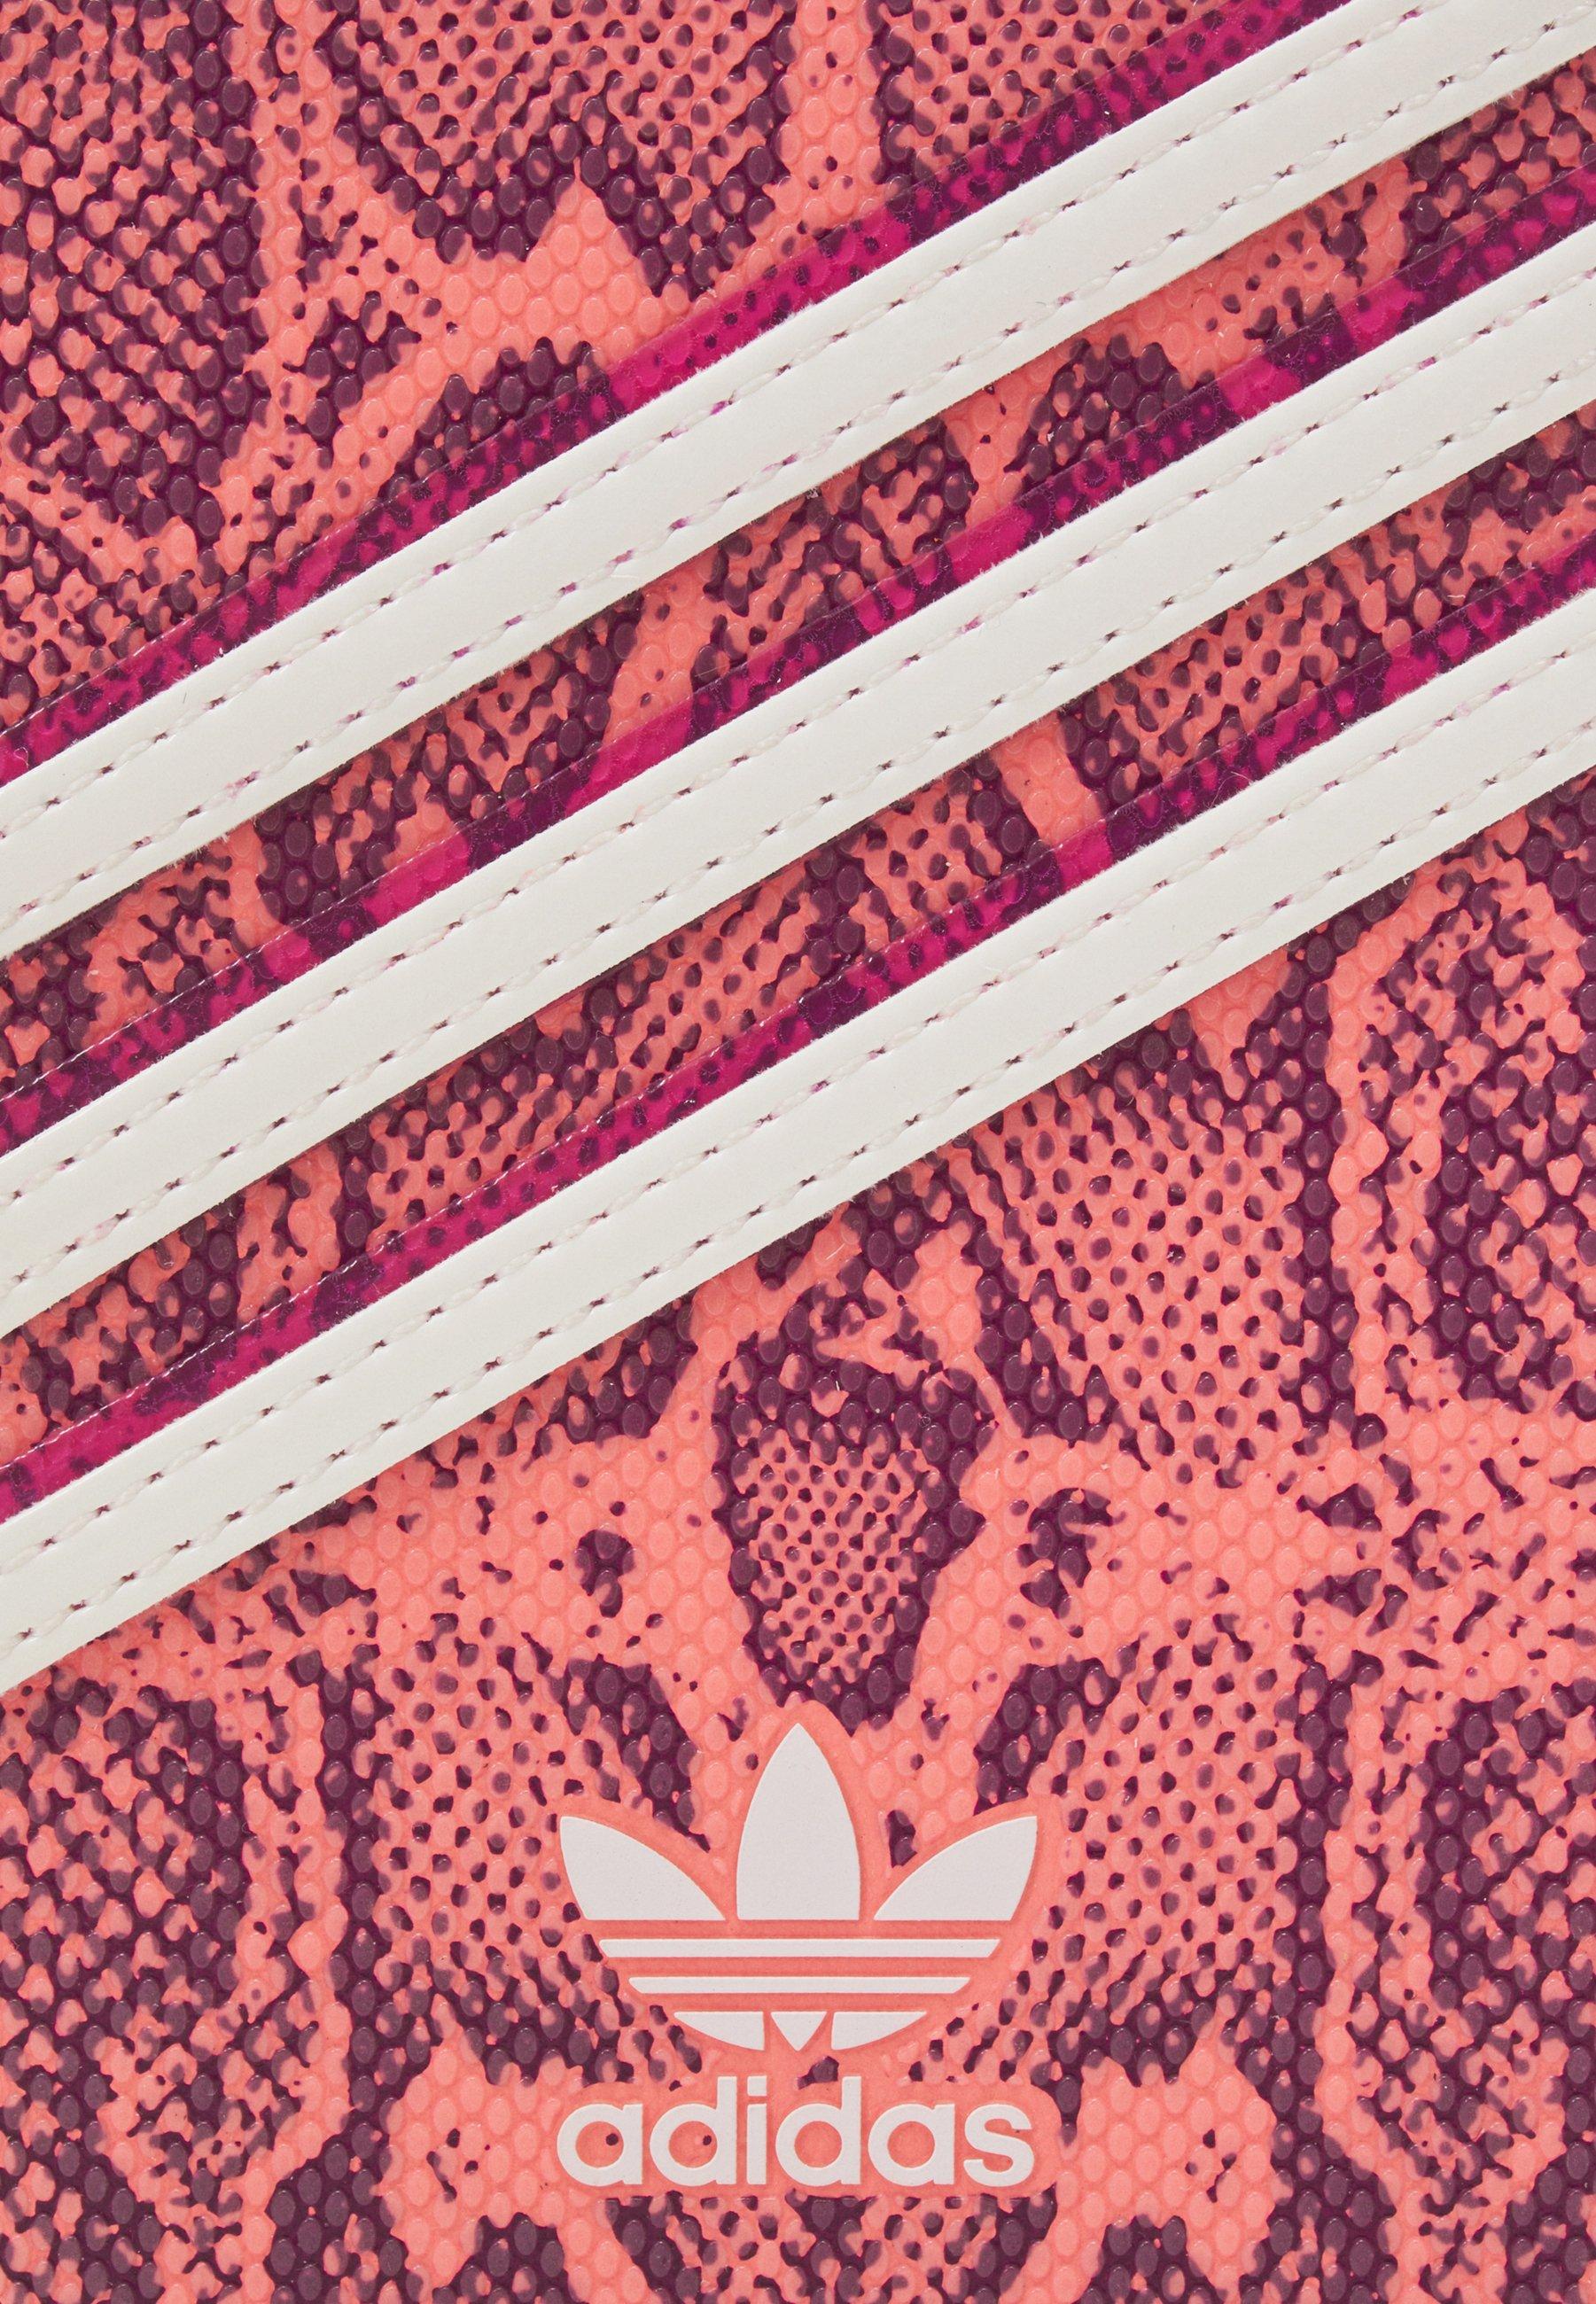 adidas Originals Mobilveske - power berry/power pink/rosa wU845OcErpj6sJ1